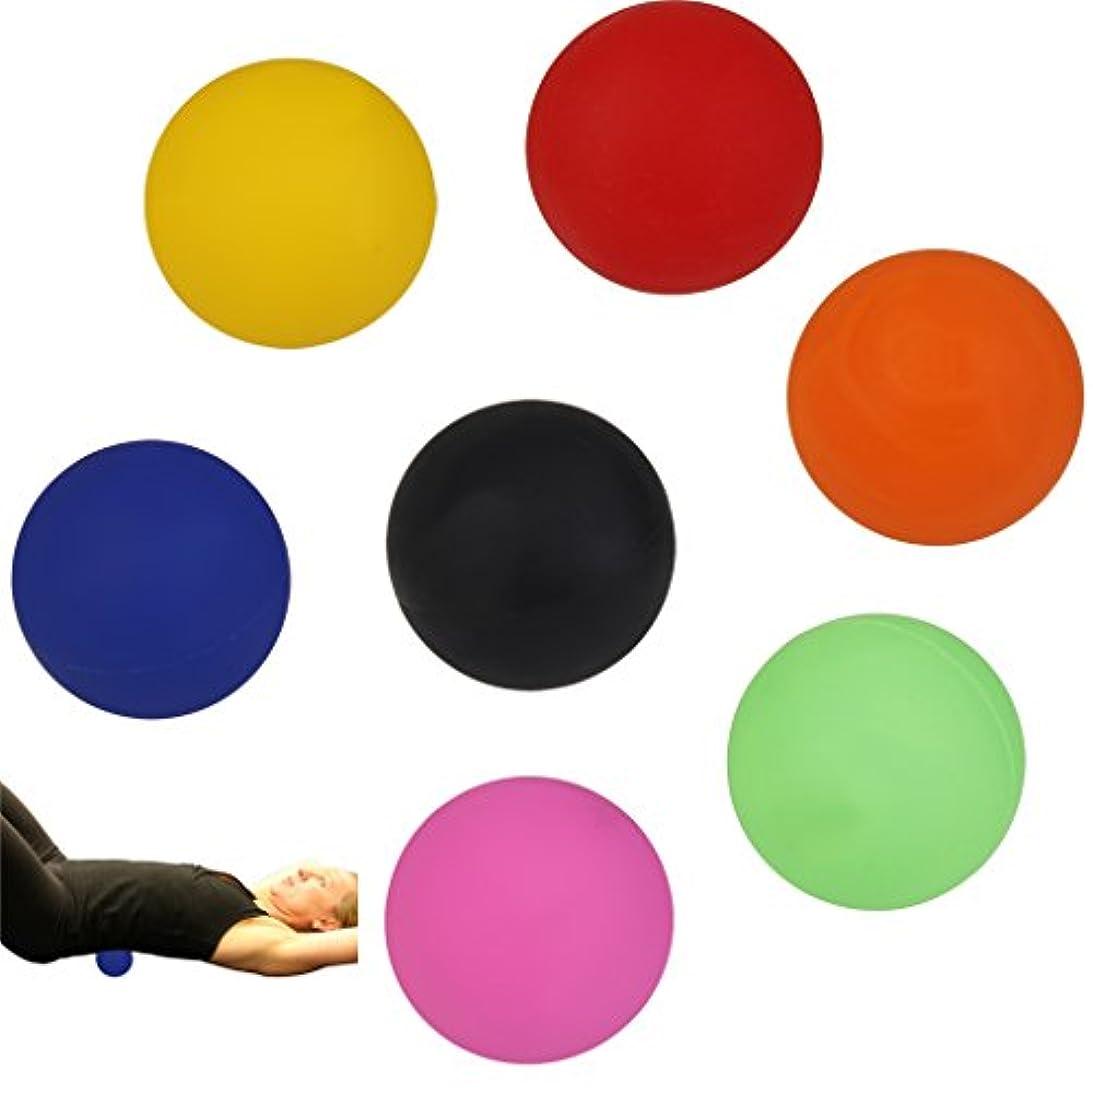 傾向があるゾーン商業の2個 手のひら 足 腕 首 背中 足首 ジム ホーム 運動 マッサージボール ラクロスマッサージボール 黒色